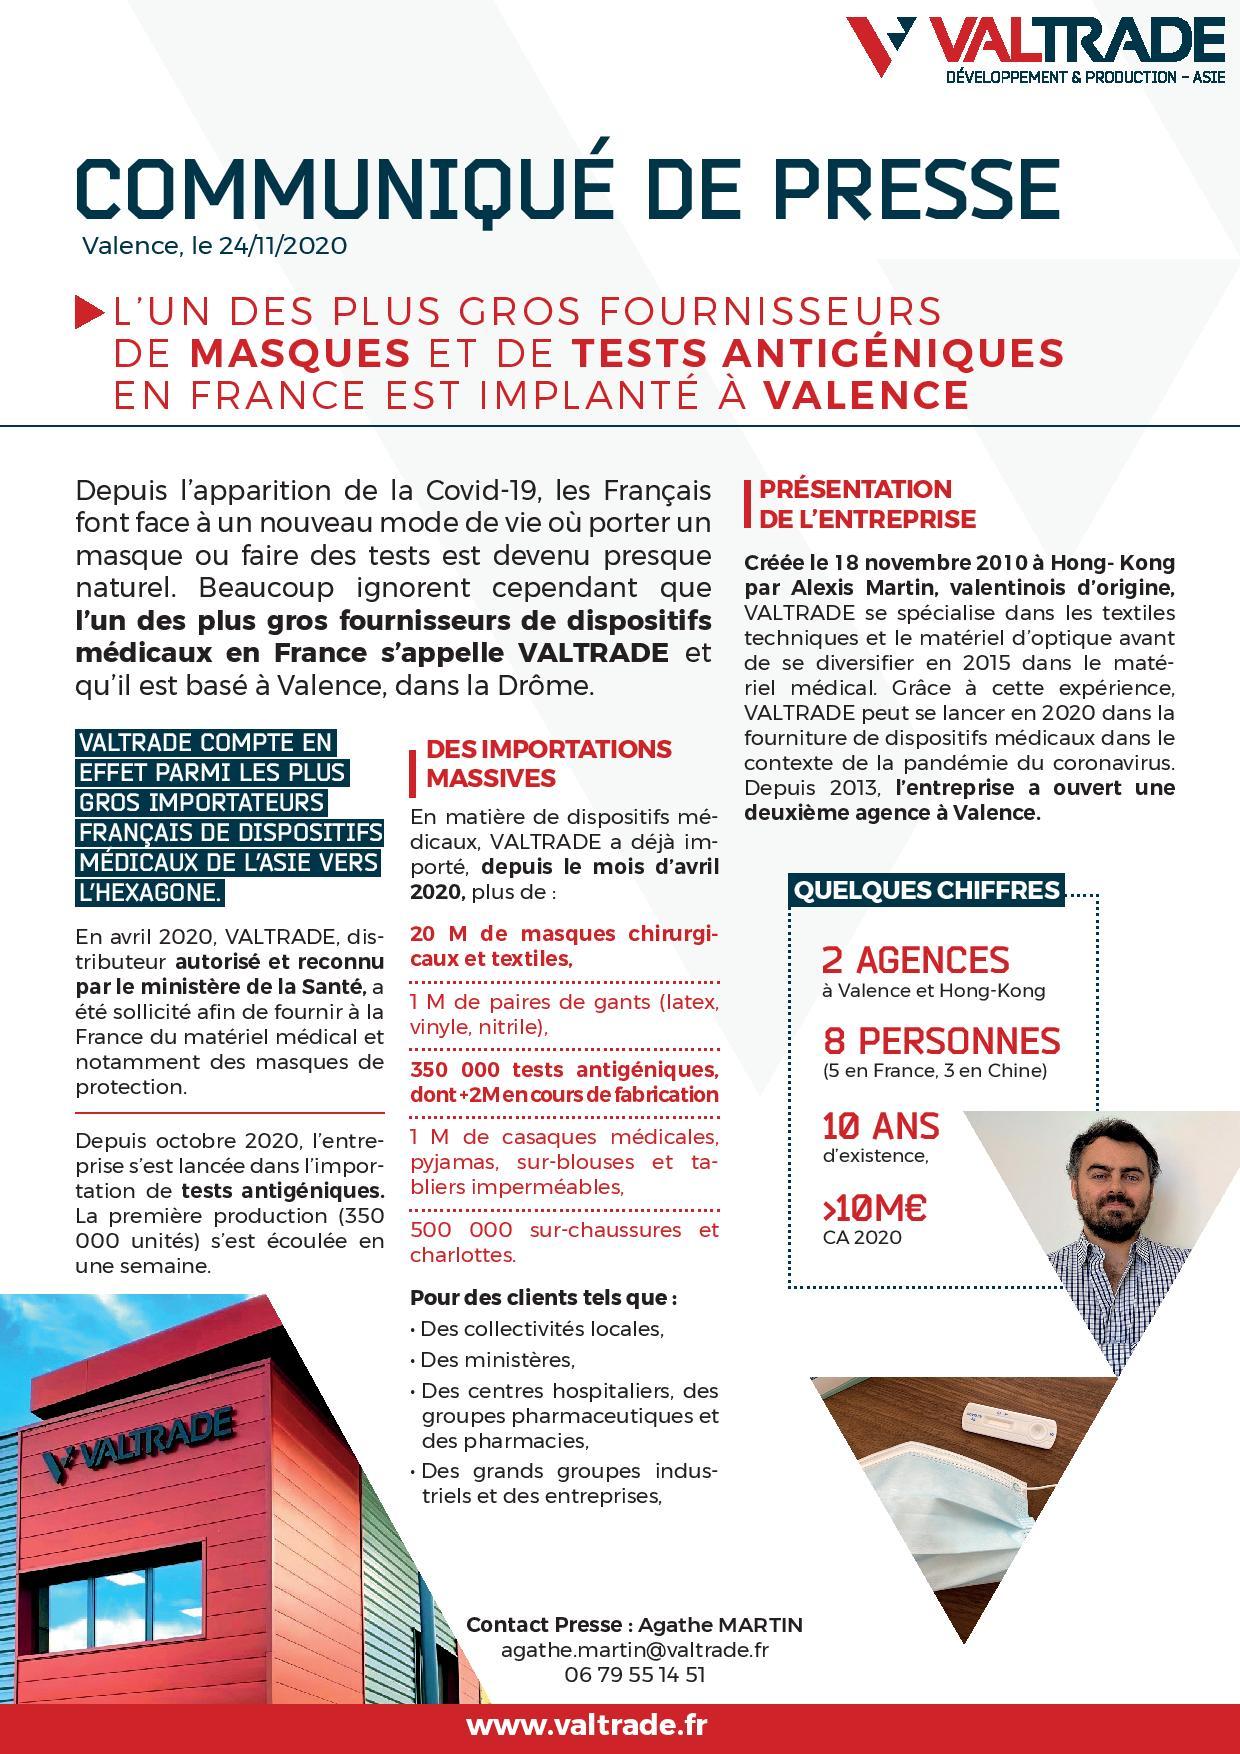 VALTRADE_communiqué-page-001